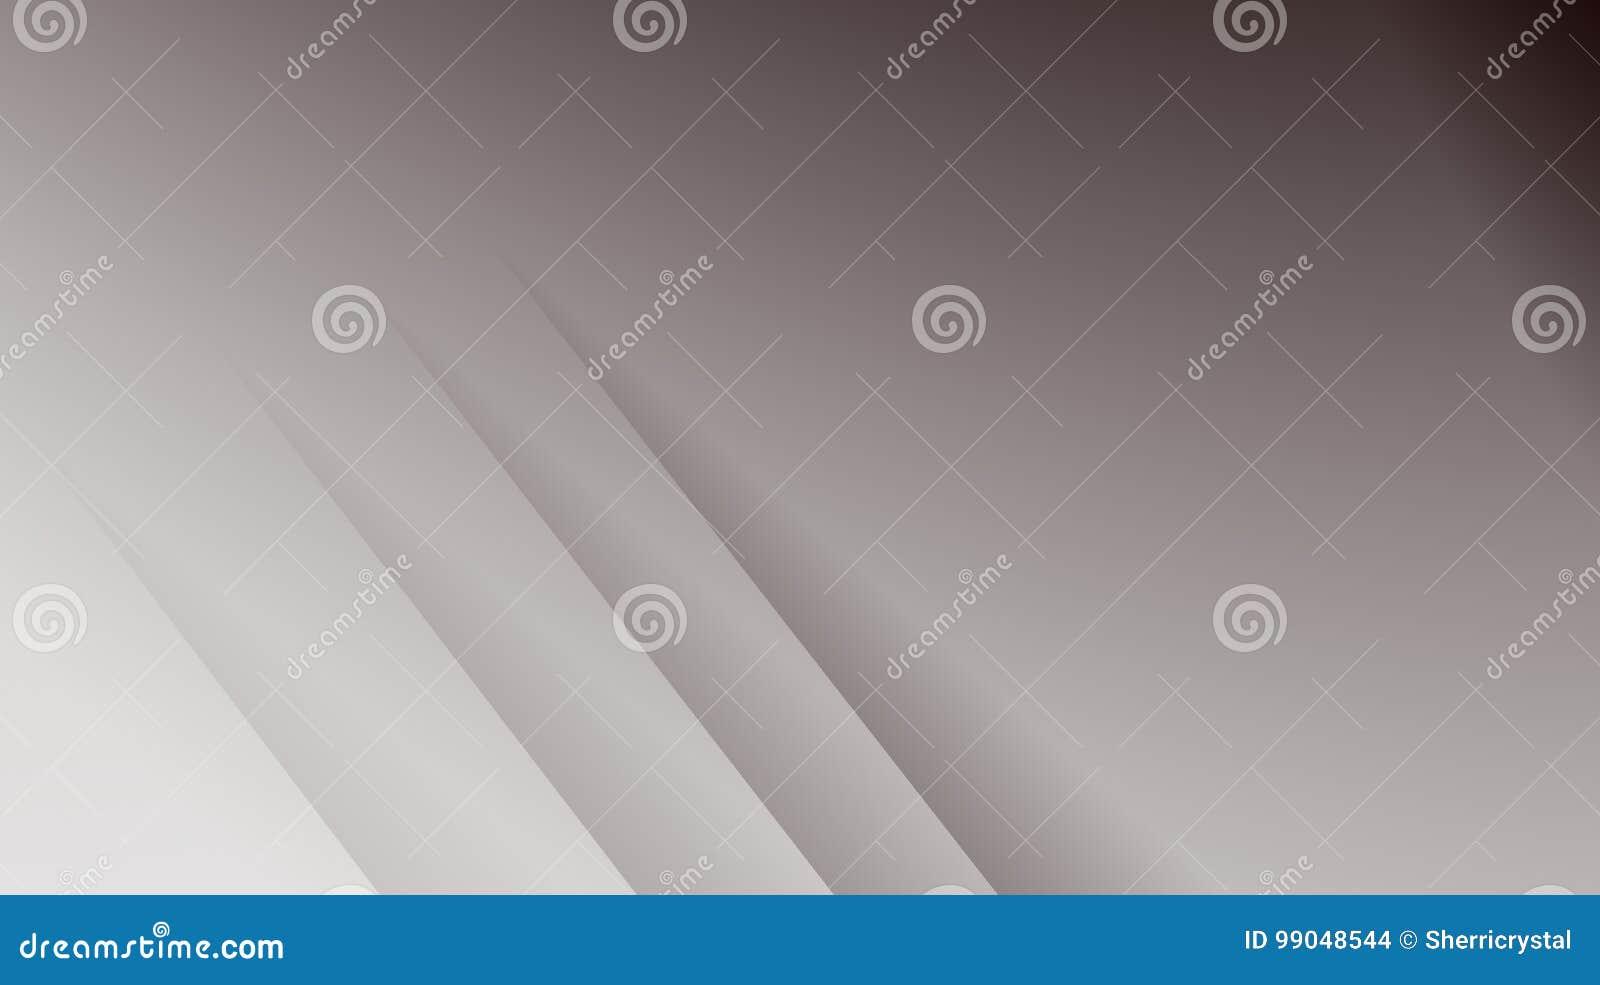 Eenvoudige grijze moderne abstracte fractal illustratie als achtergrond met parallelle diagonale lijnen